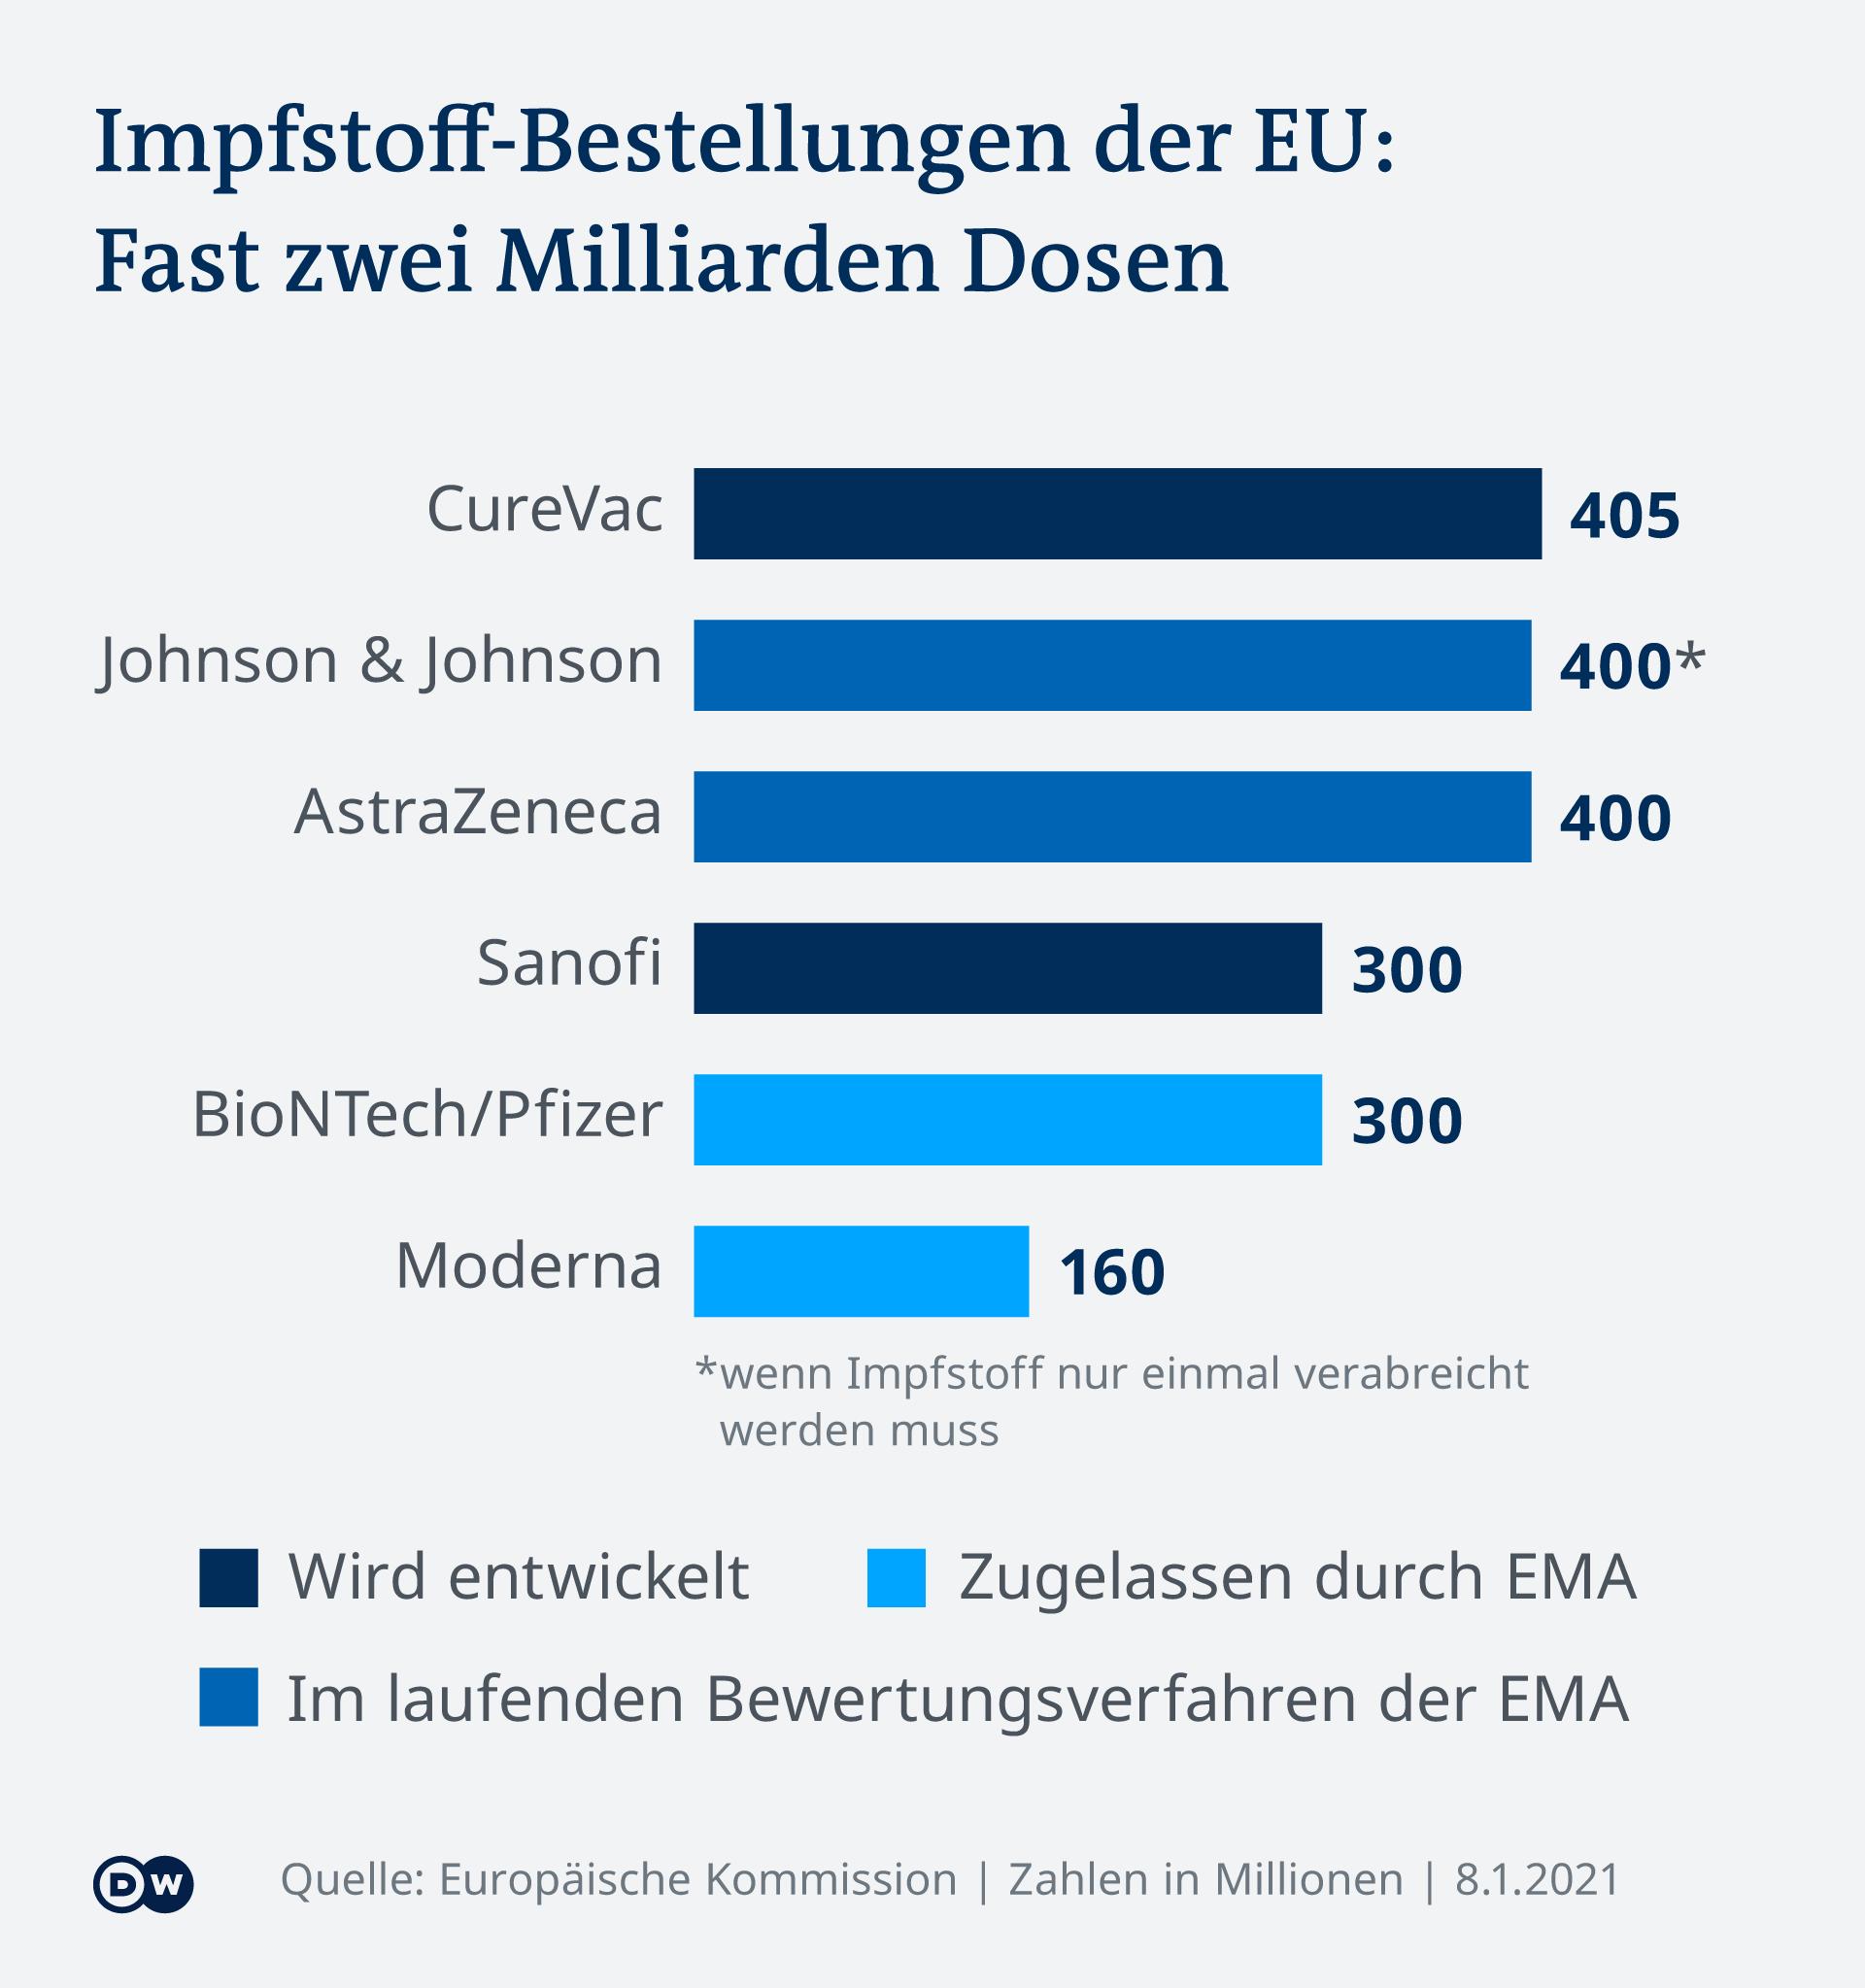 Infografik Impfstoff-Bestellungen der EU DE